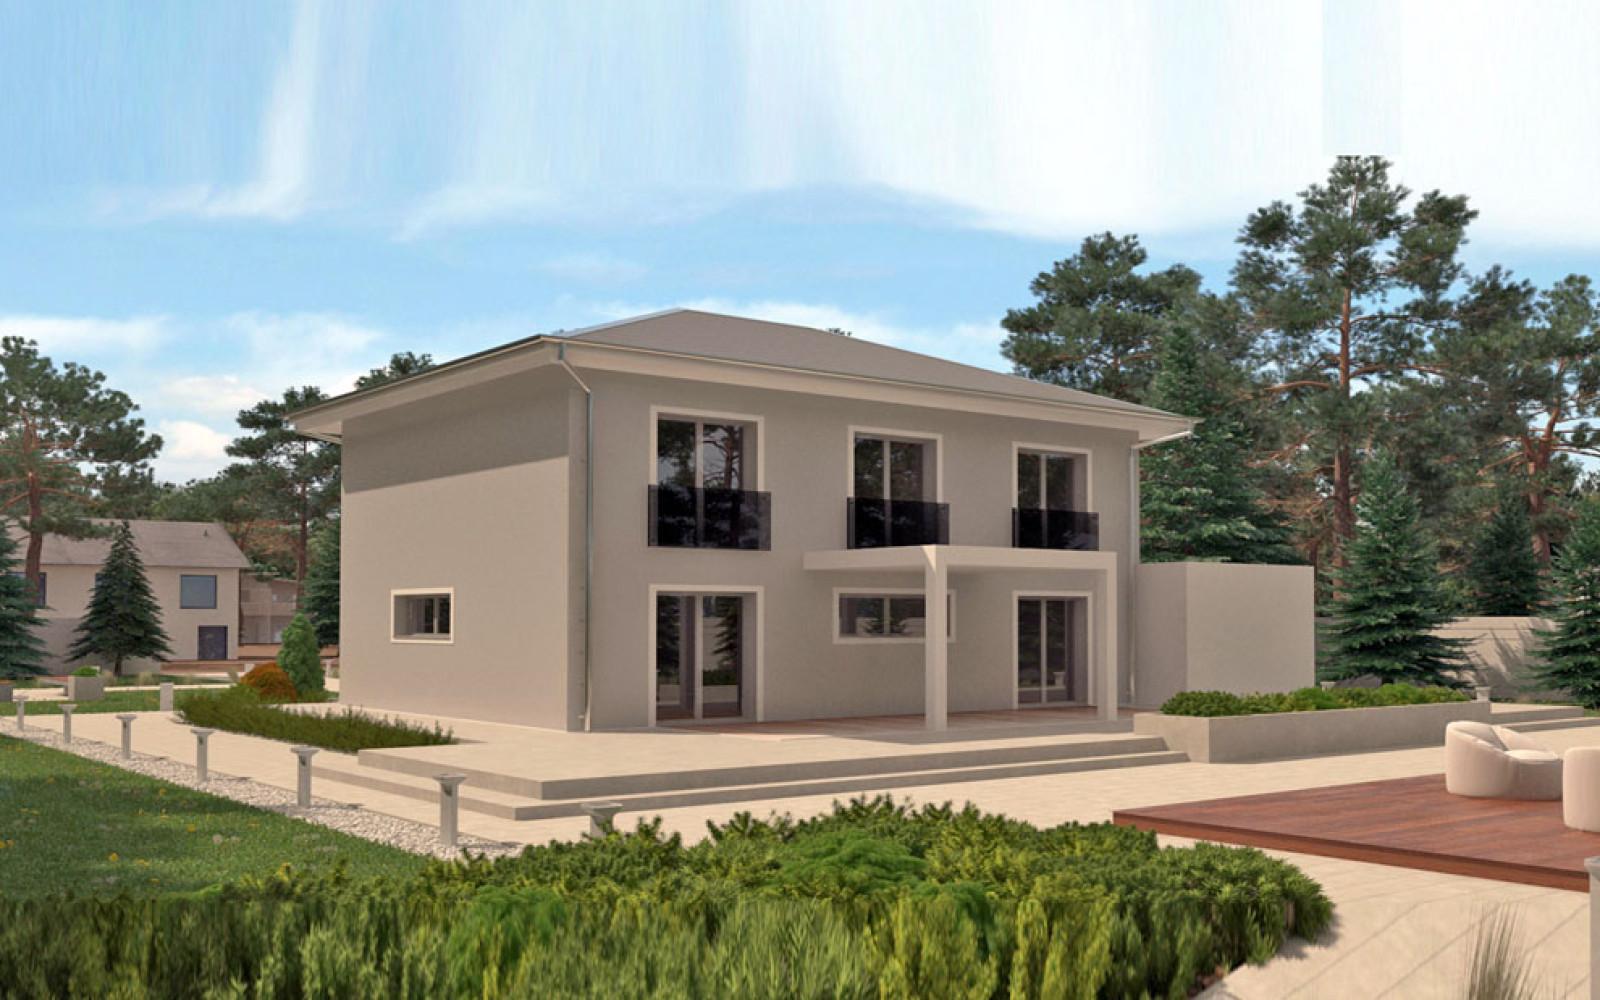 Case prefabbricate in legno guida completa for Durata casa in legno